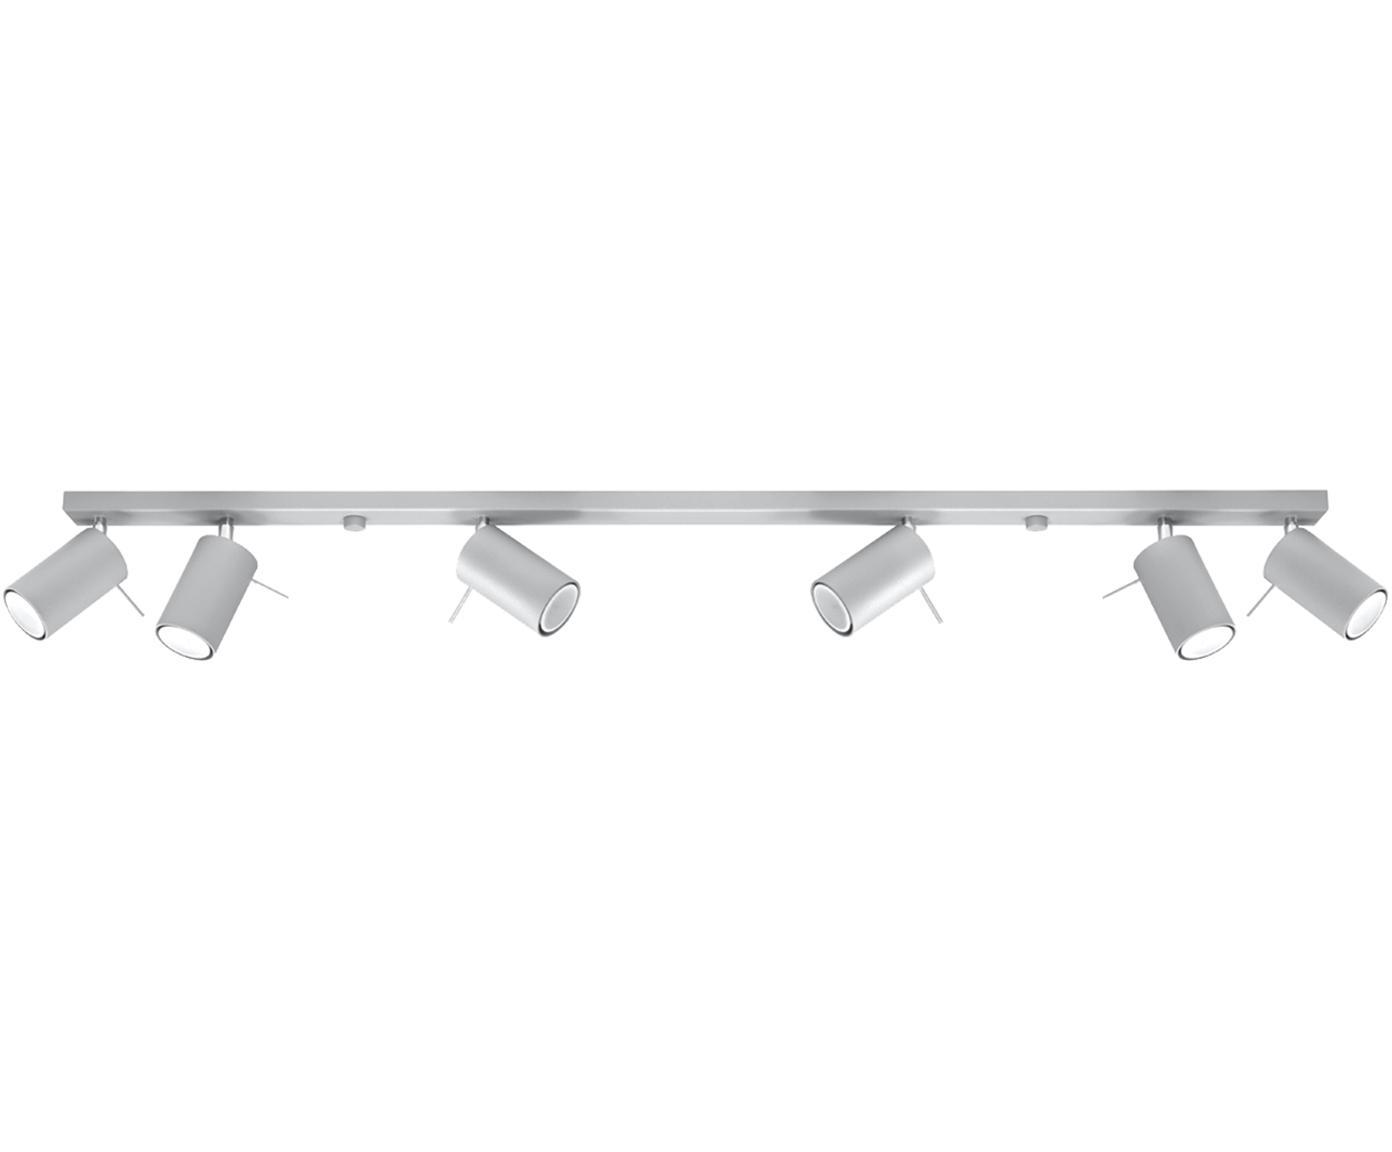 Deckenstrahler Etna in Grau, Stahl, Grau, 120 x 15 cm